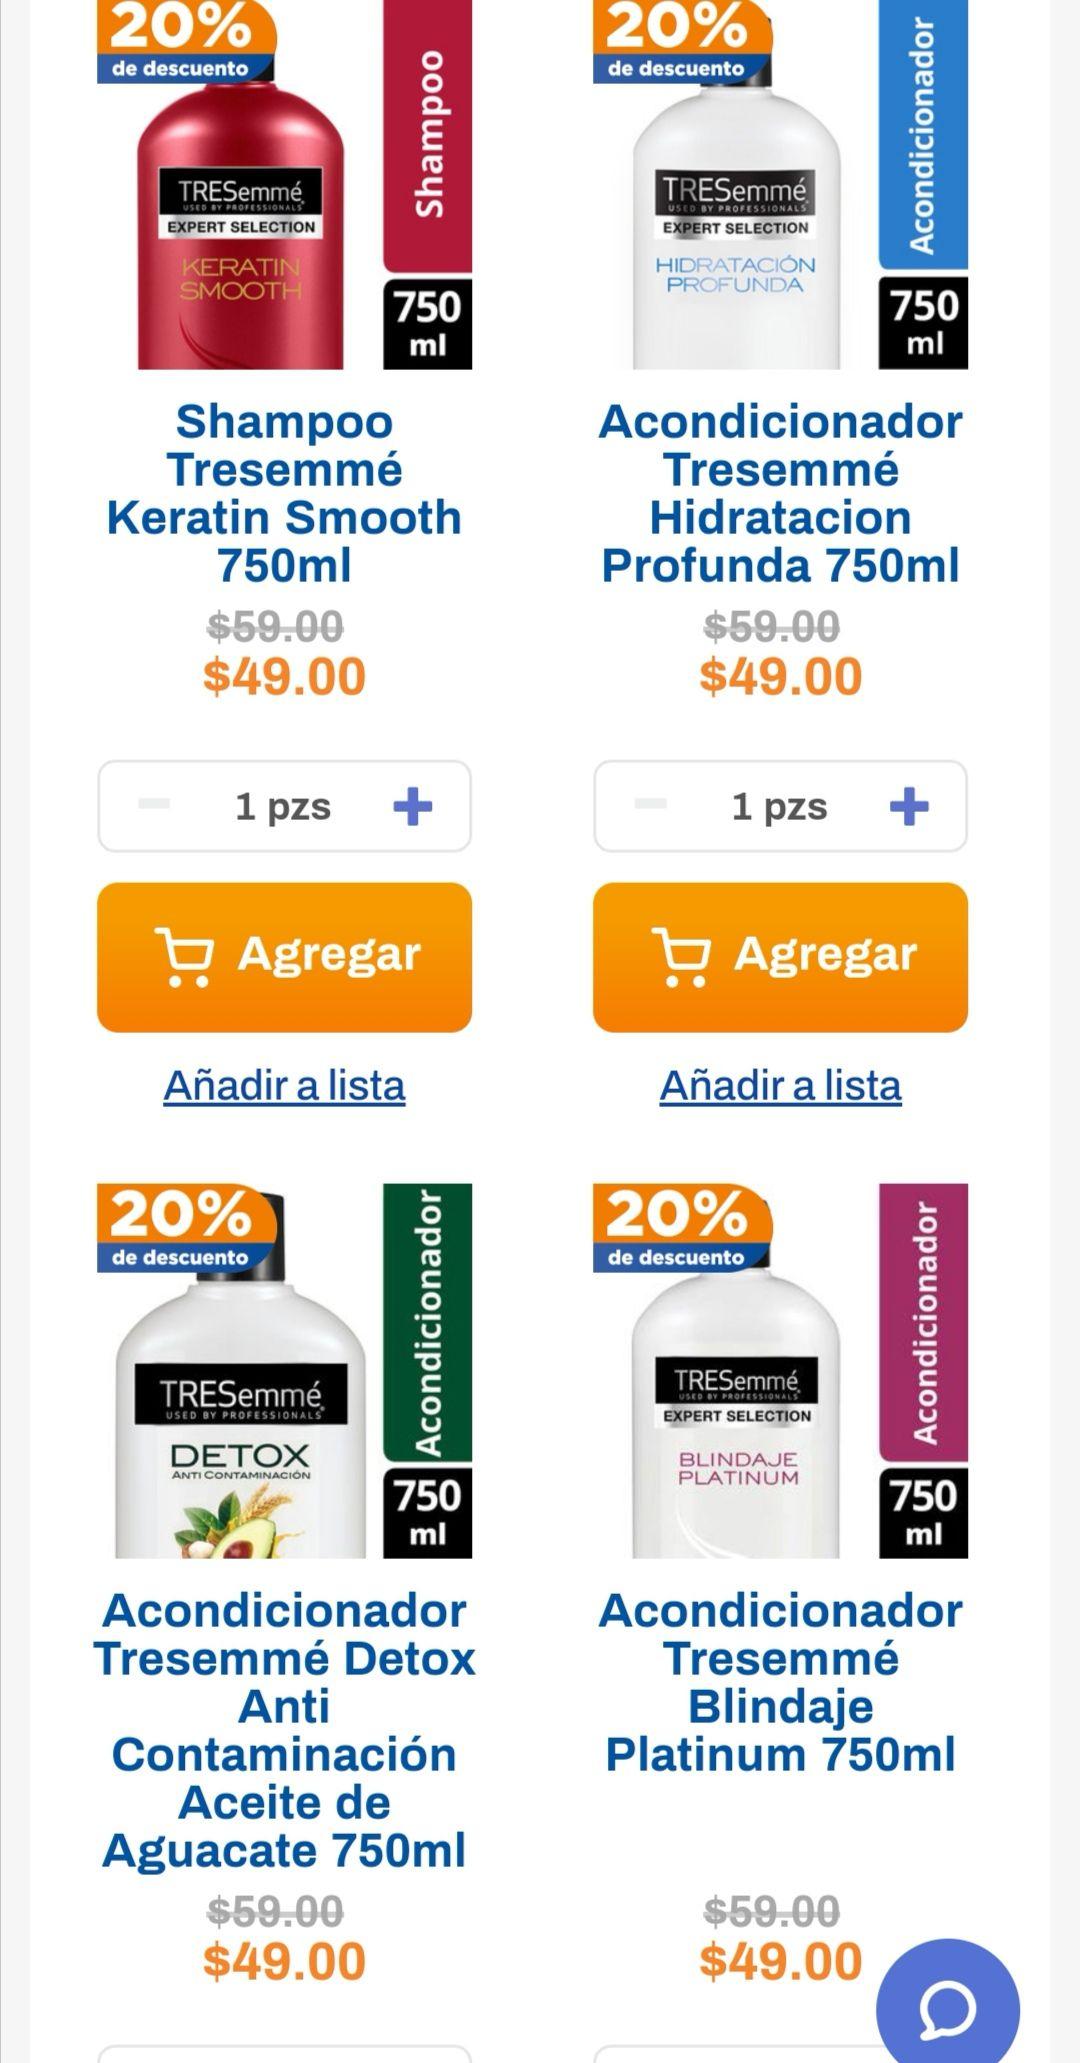 Chedraui: 20% de descuento en shampoos y acondicionadores Tresemmé